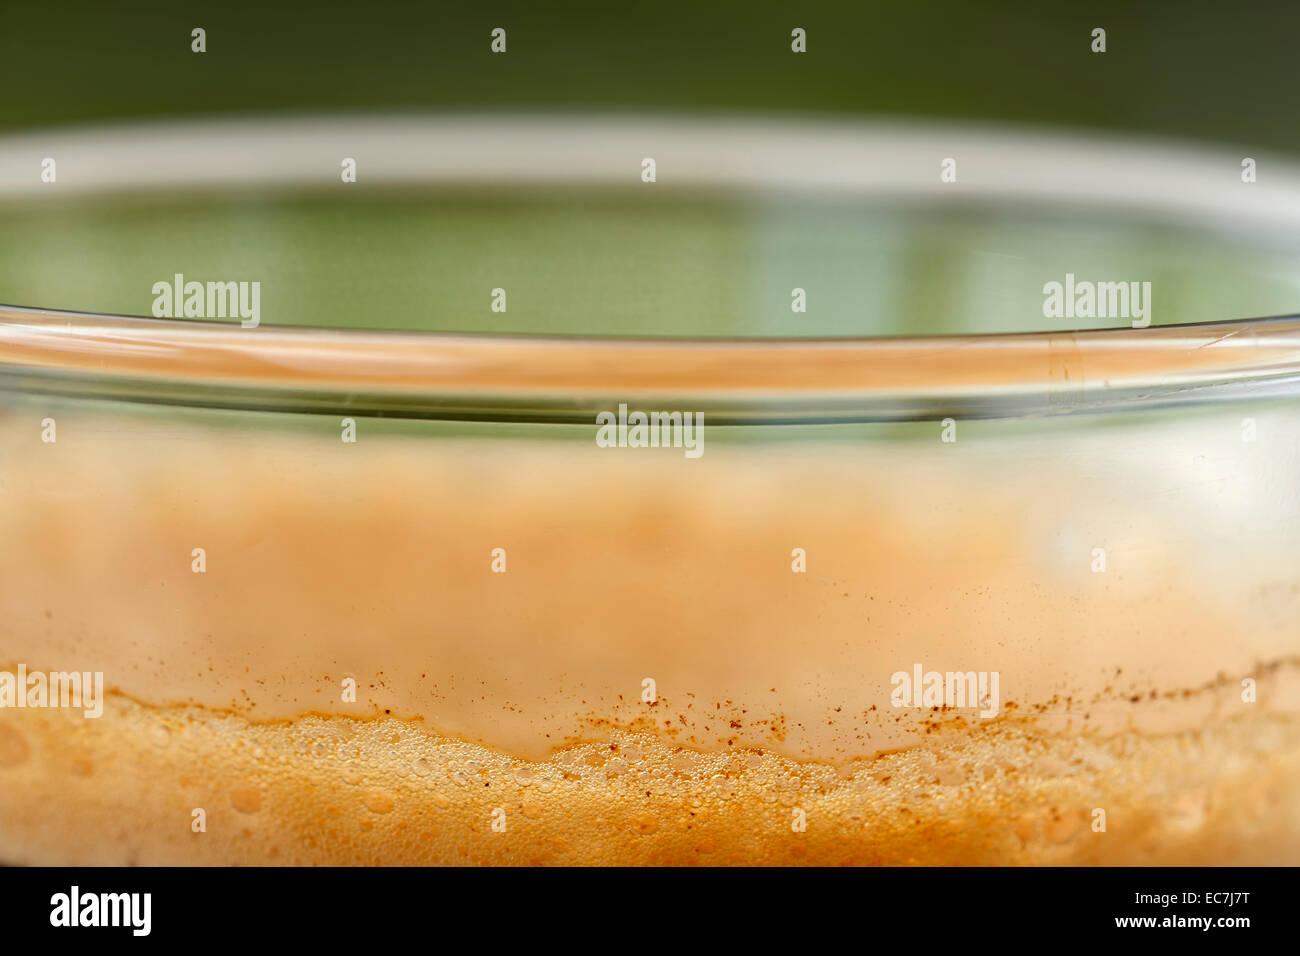 Caffè schiuma di vetro extreme close up,macro shot Immagini Stock